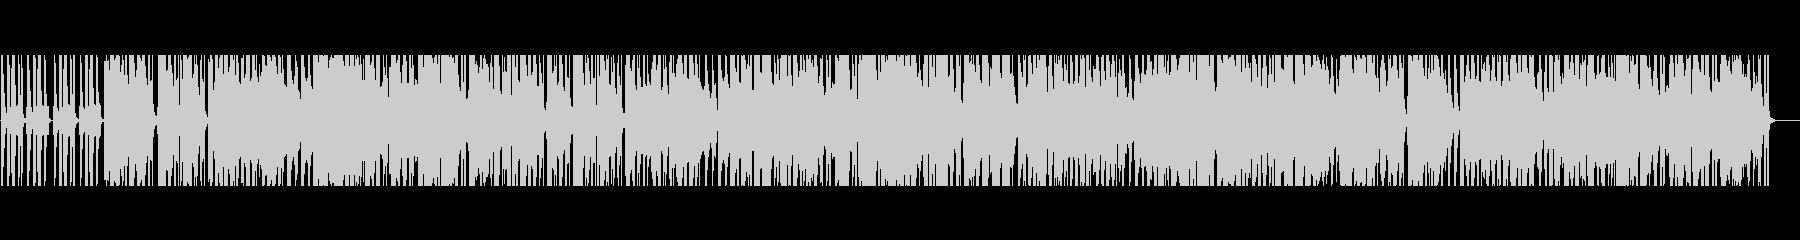 大人な雰囲気のジャジーヒップホップの未再生の波形